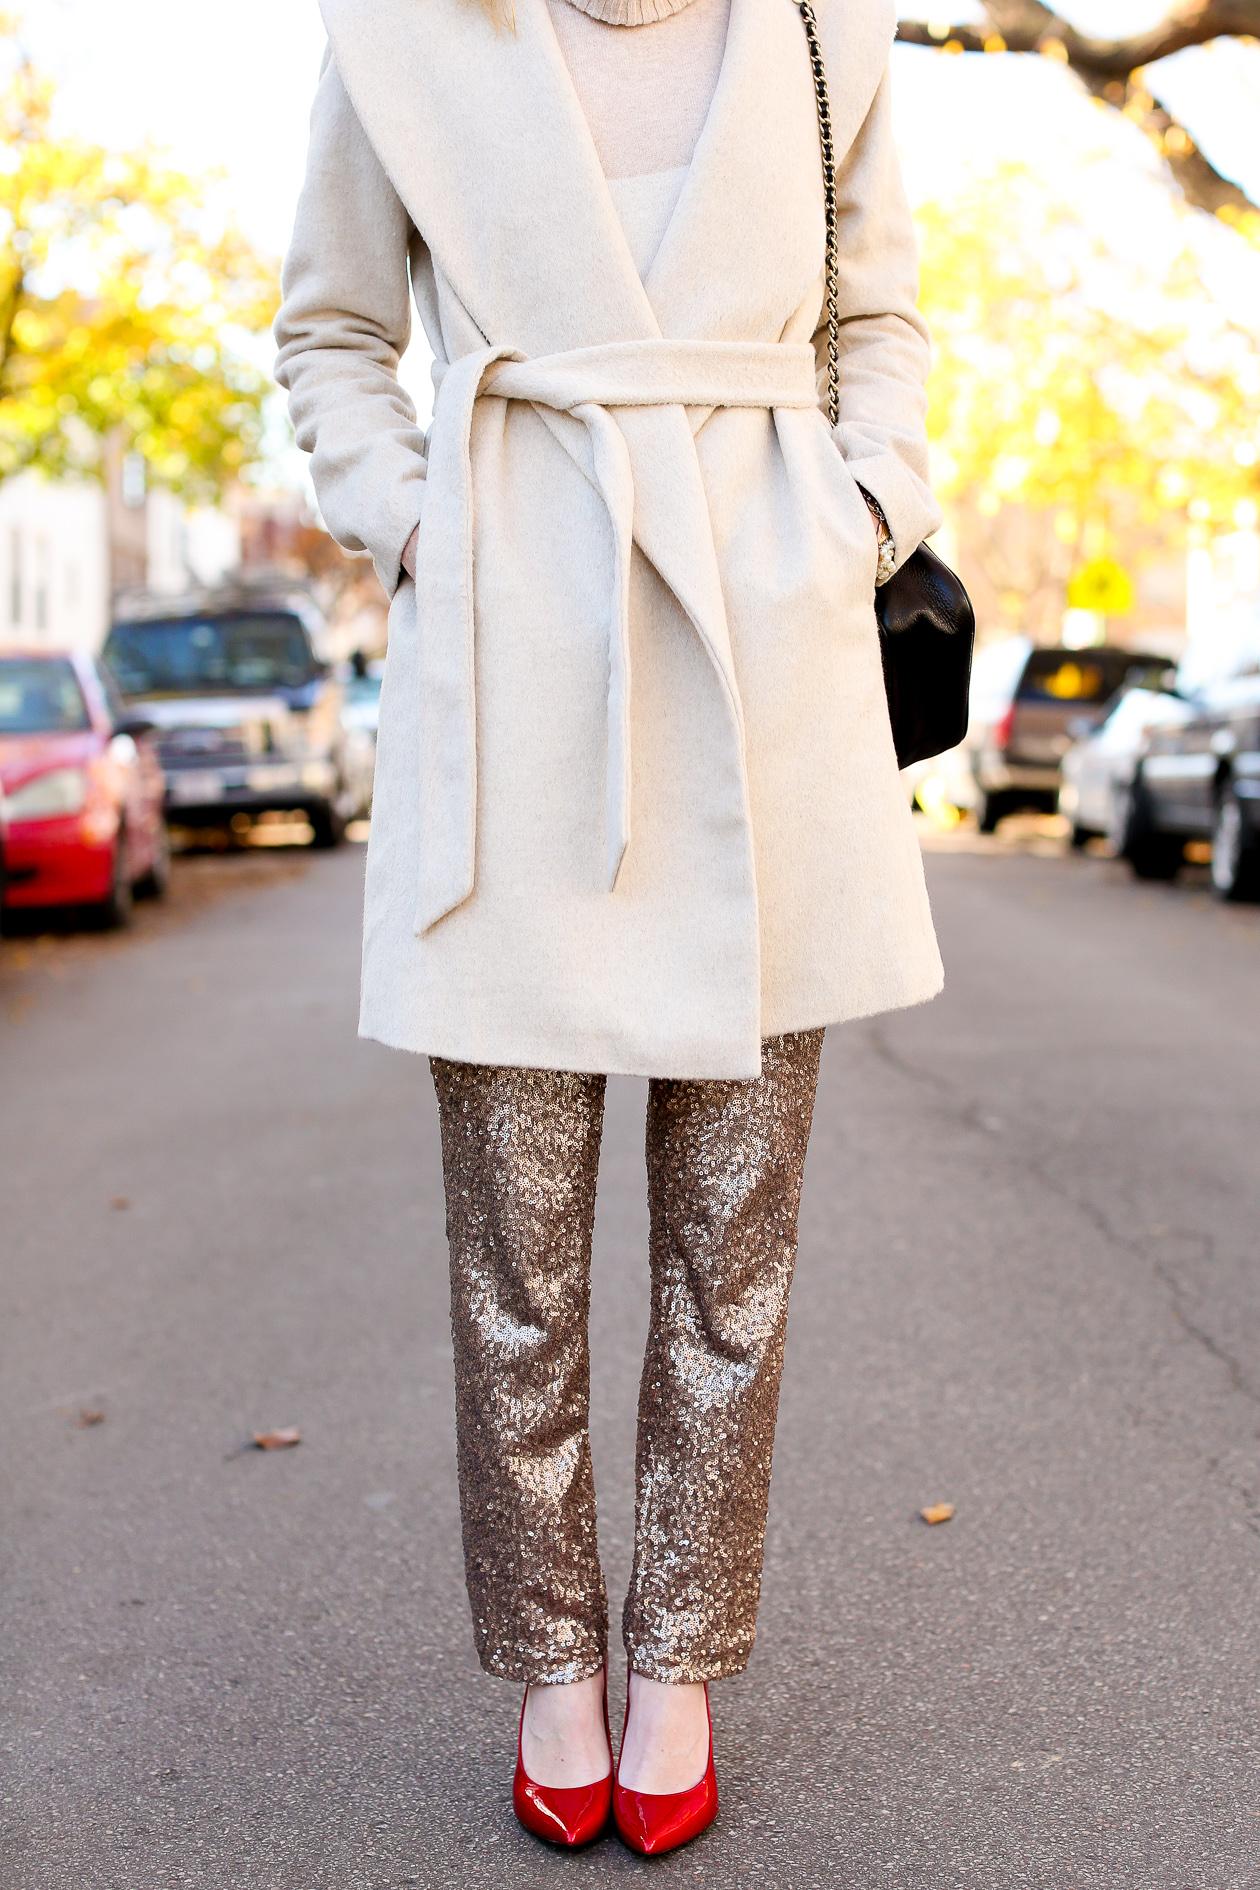 Sequin-Dress-Pants-15